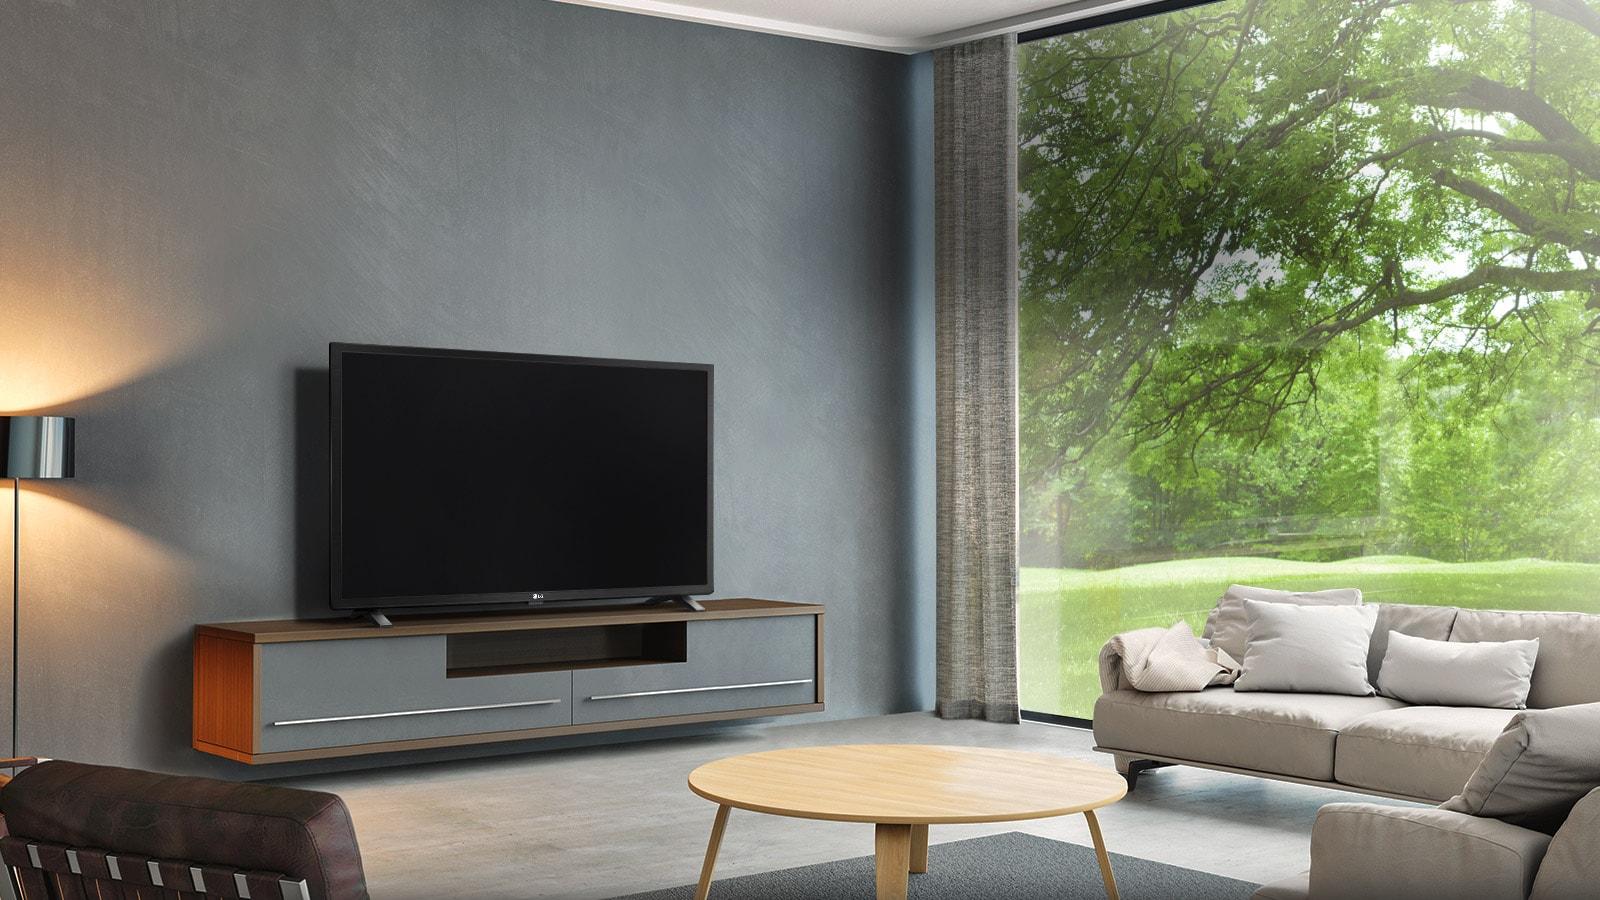 TV-FHD-43-LM63-10-Design-Desktop_V01